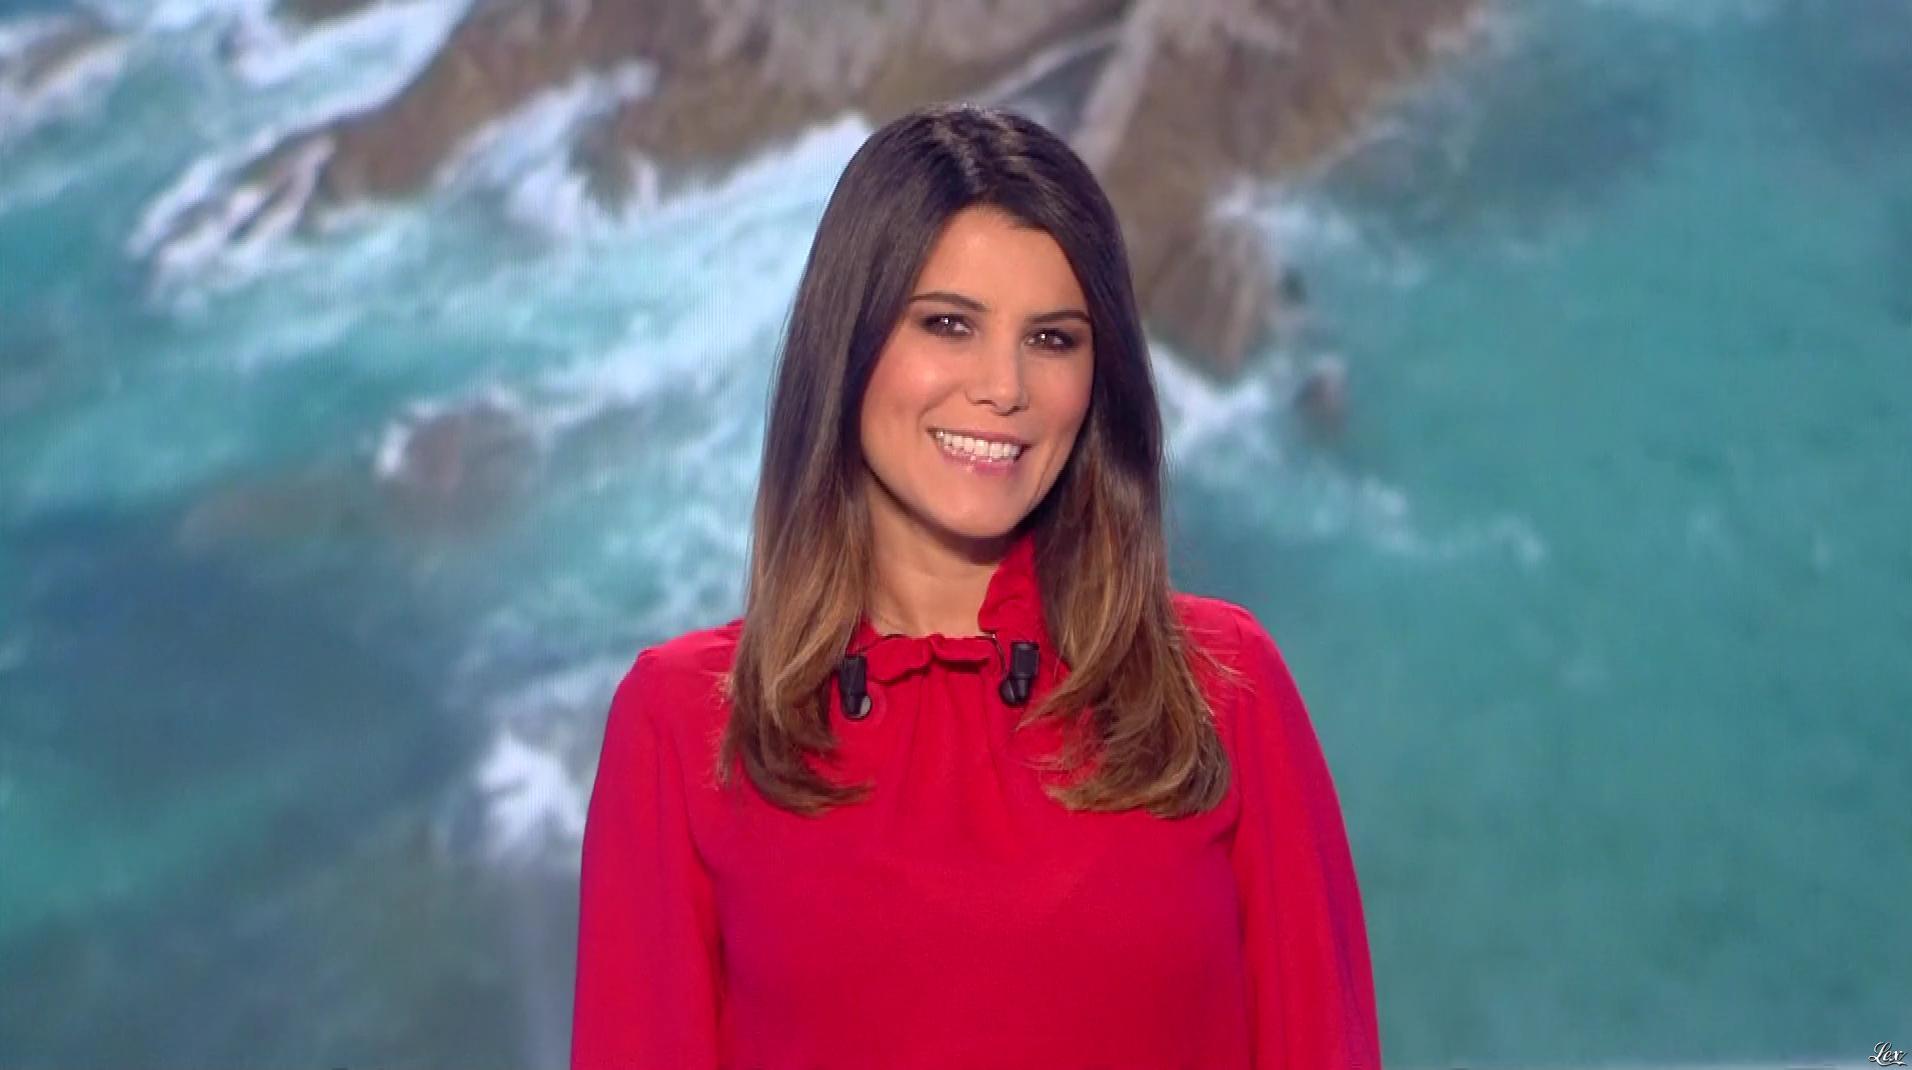 Karine Ferri lors du Tirage du Loto. Diffusé à la télévision le 22/10/18.